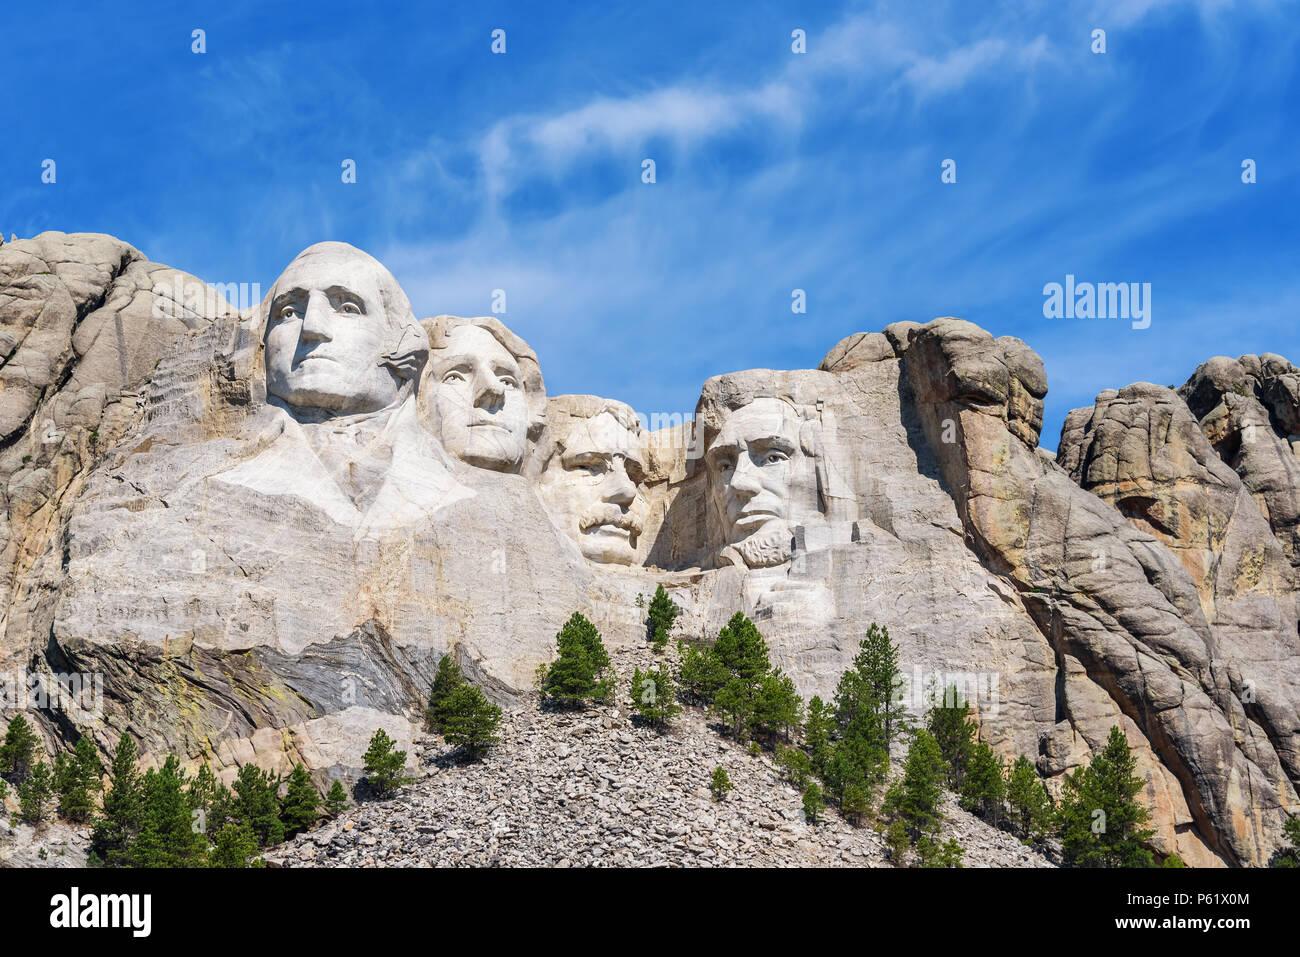 Sculpture présidentielle à Mount Rushmore national memorial, Etats-Unis. Journée ensoleillée, ciel bleu. Photo Stock